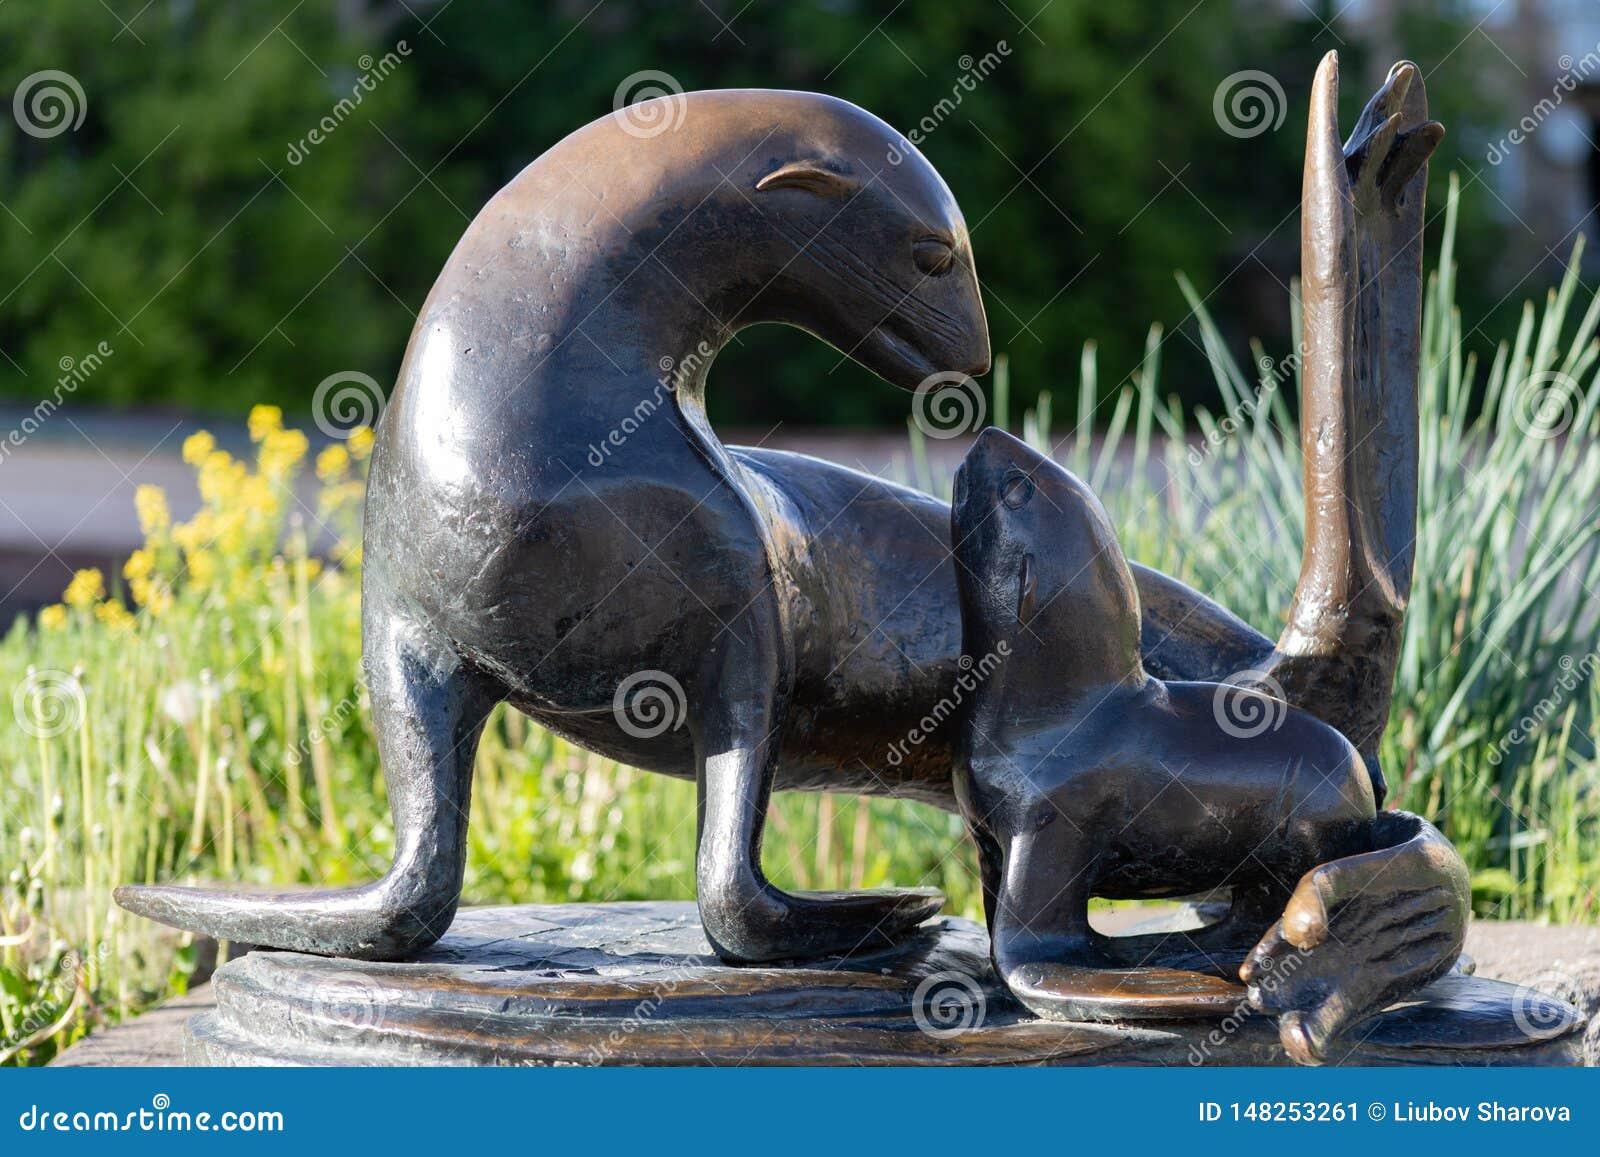 莫斯科2019年5月17日莫斯科封印的动物园雕塑有婴孩的,爱的标志和加州